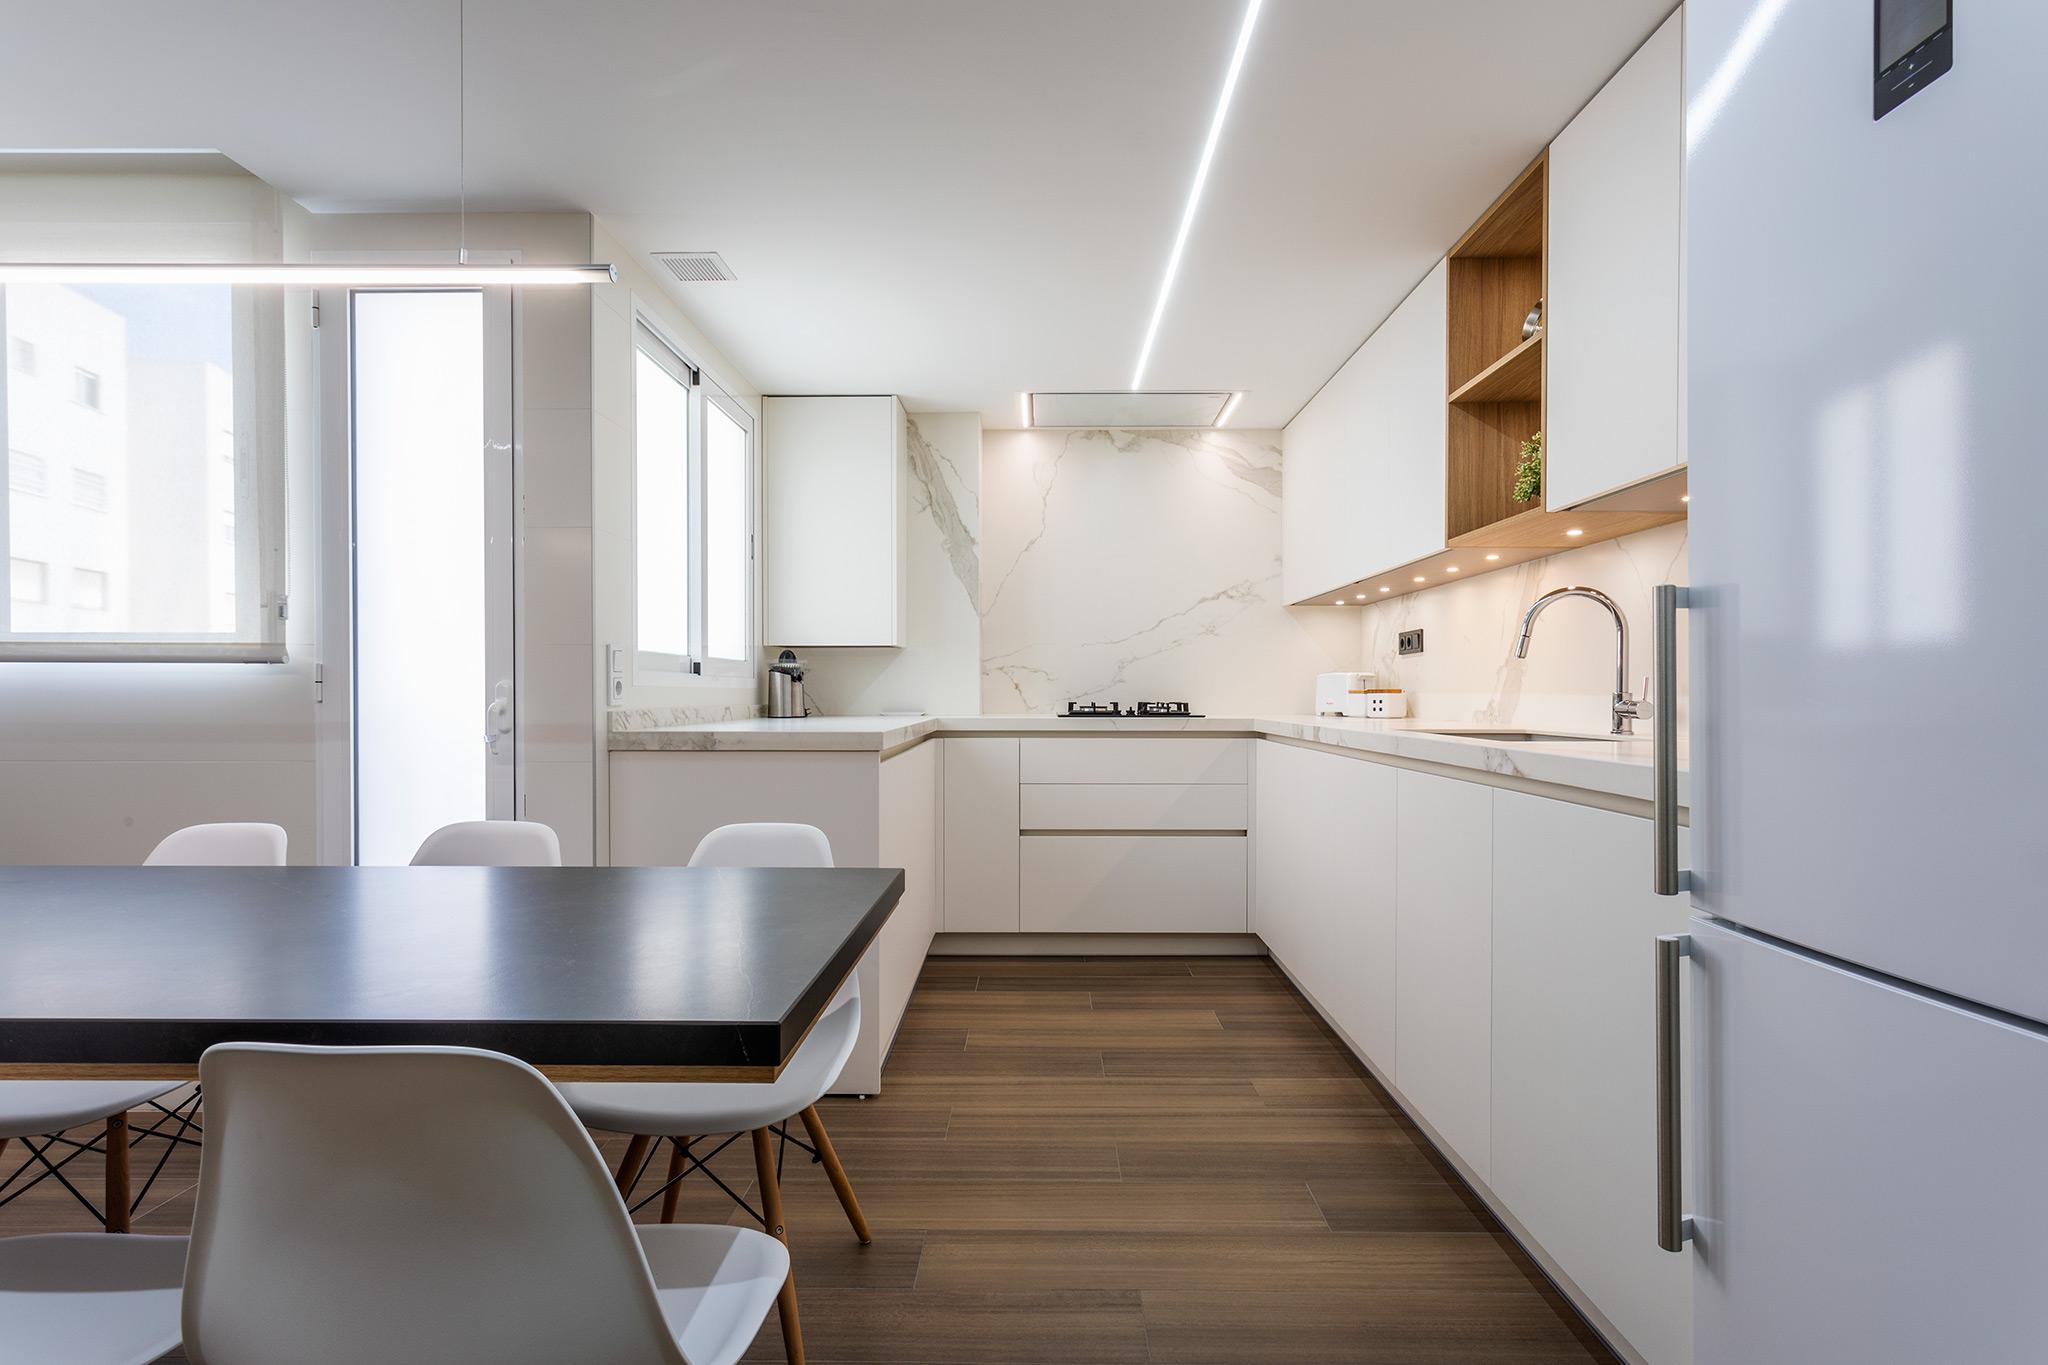 Cocina – Fotografía Inmobiliaria, Arquitectura y Reformas – Sefora Camazano Fotografía